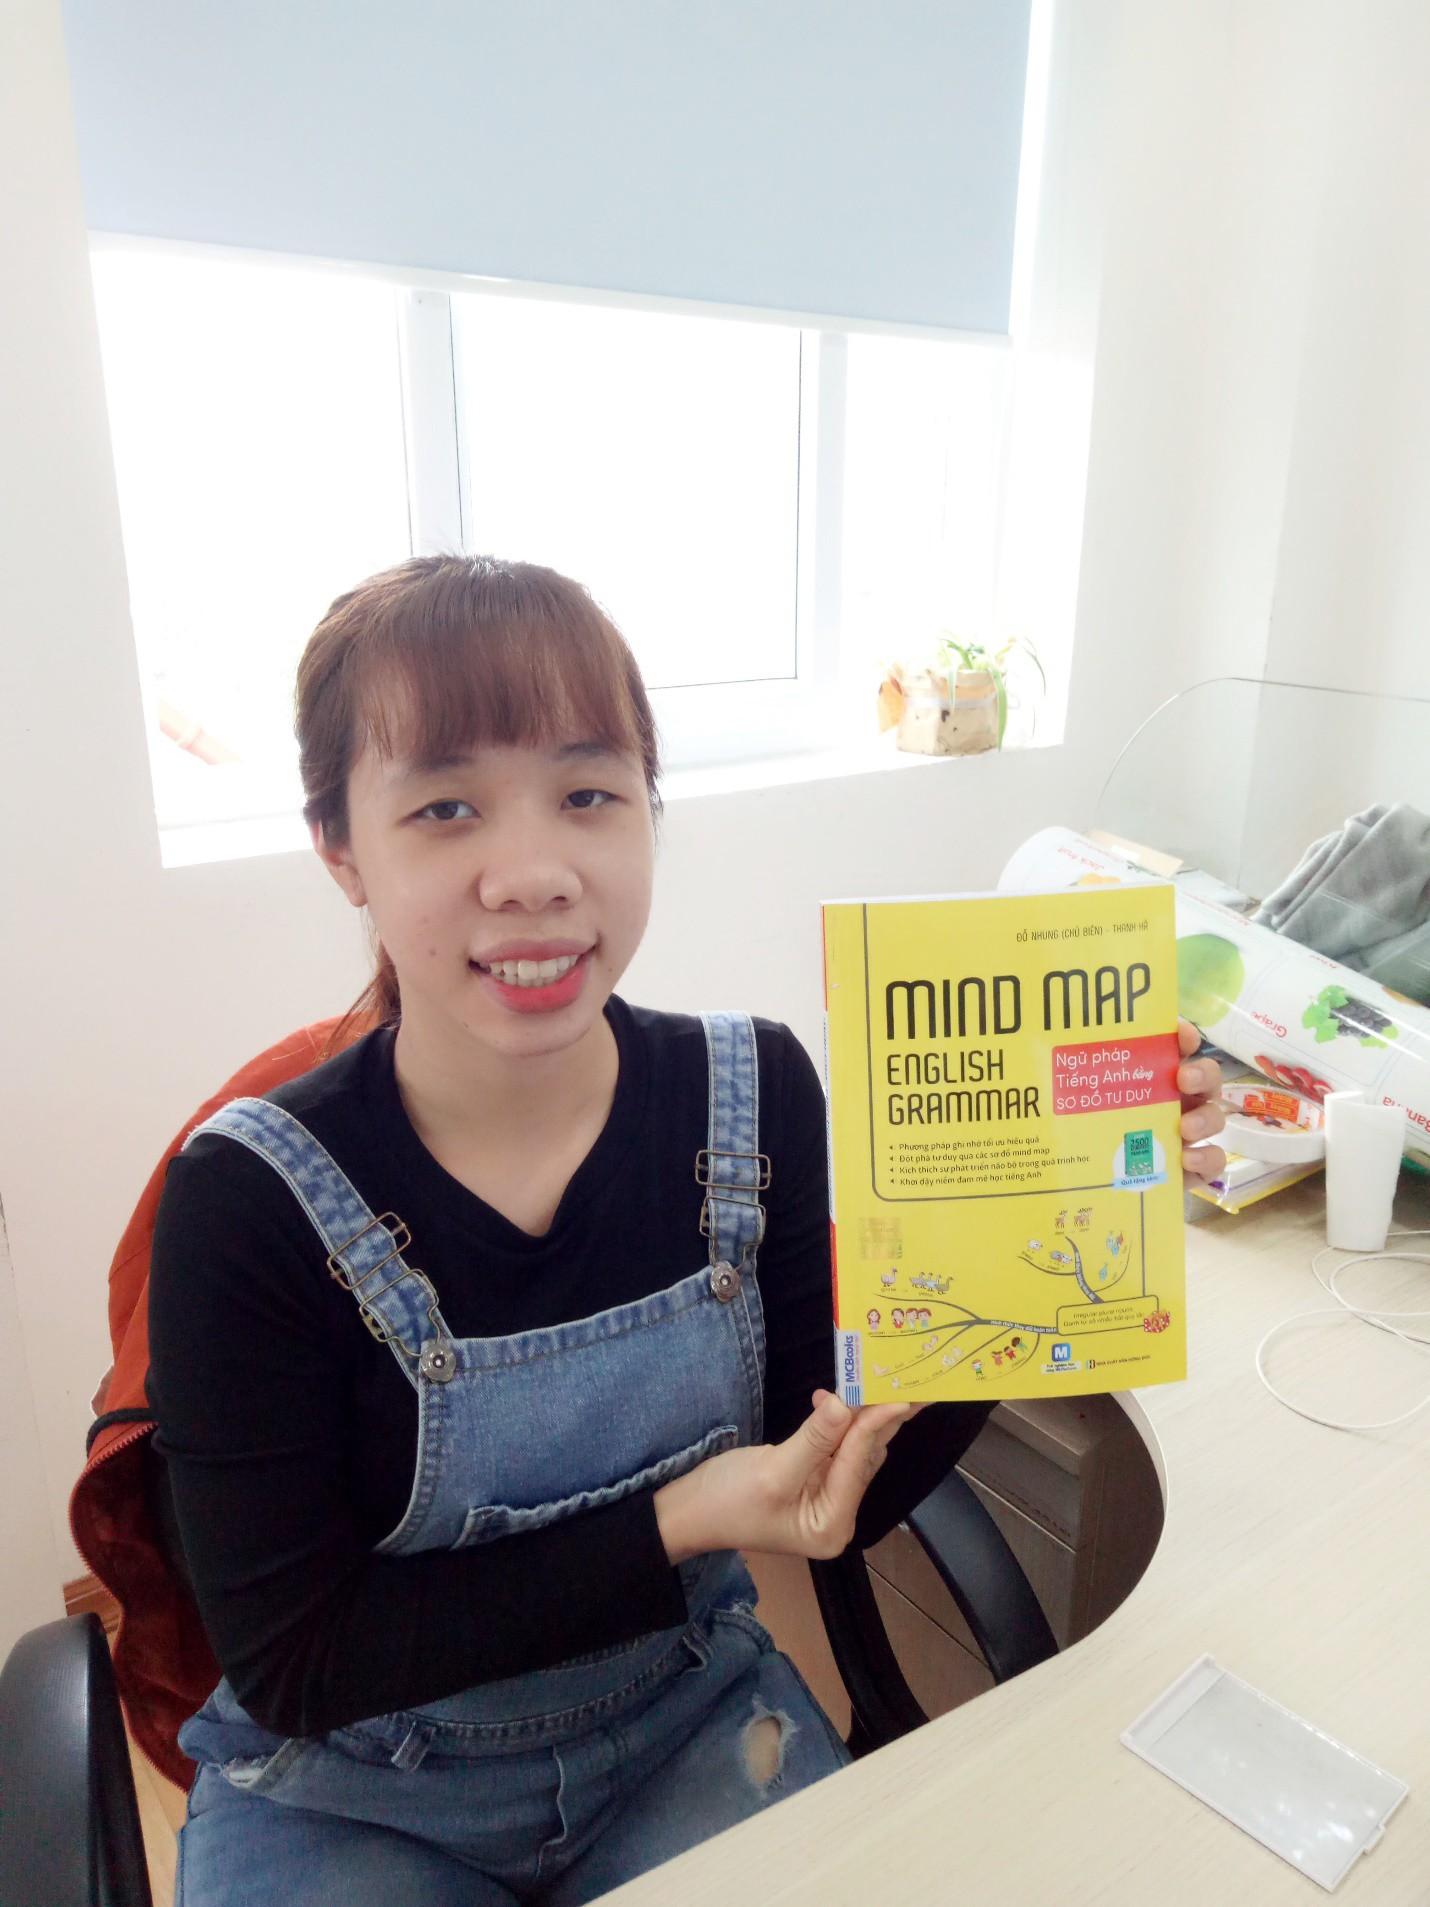 Review cuốn sách Mind map English Grammar - Ngữ pháp tiếng Anh bằng sơ đồ tư duy - Ảnh 5.